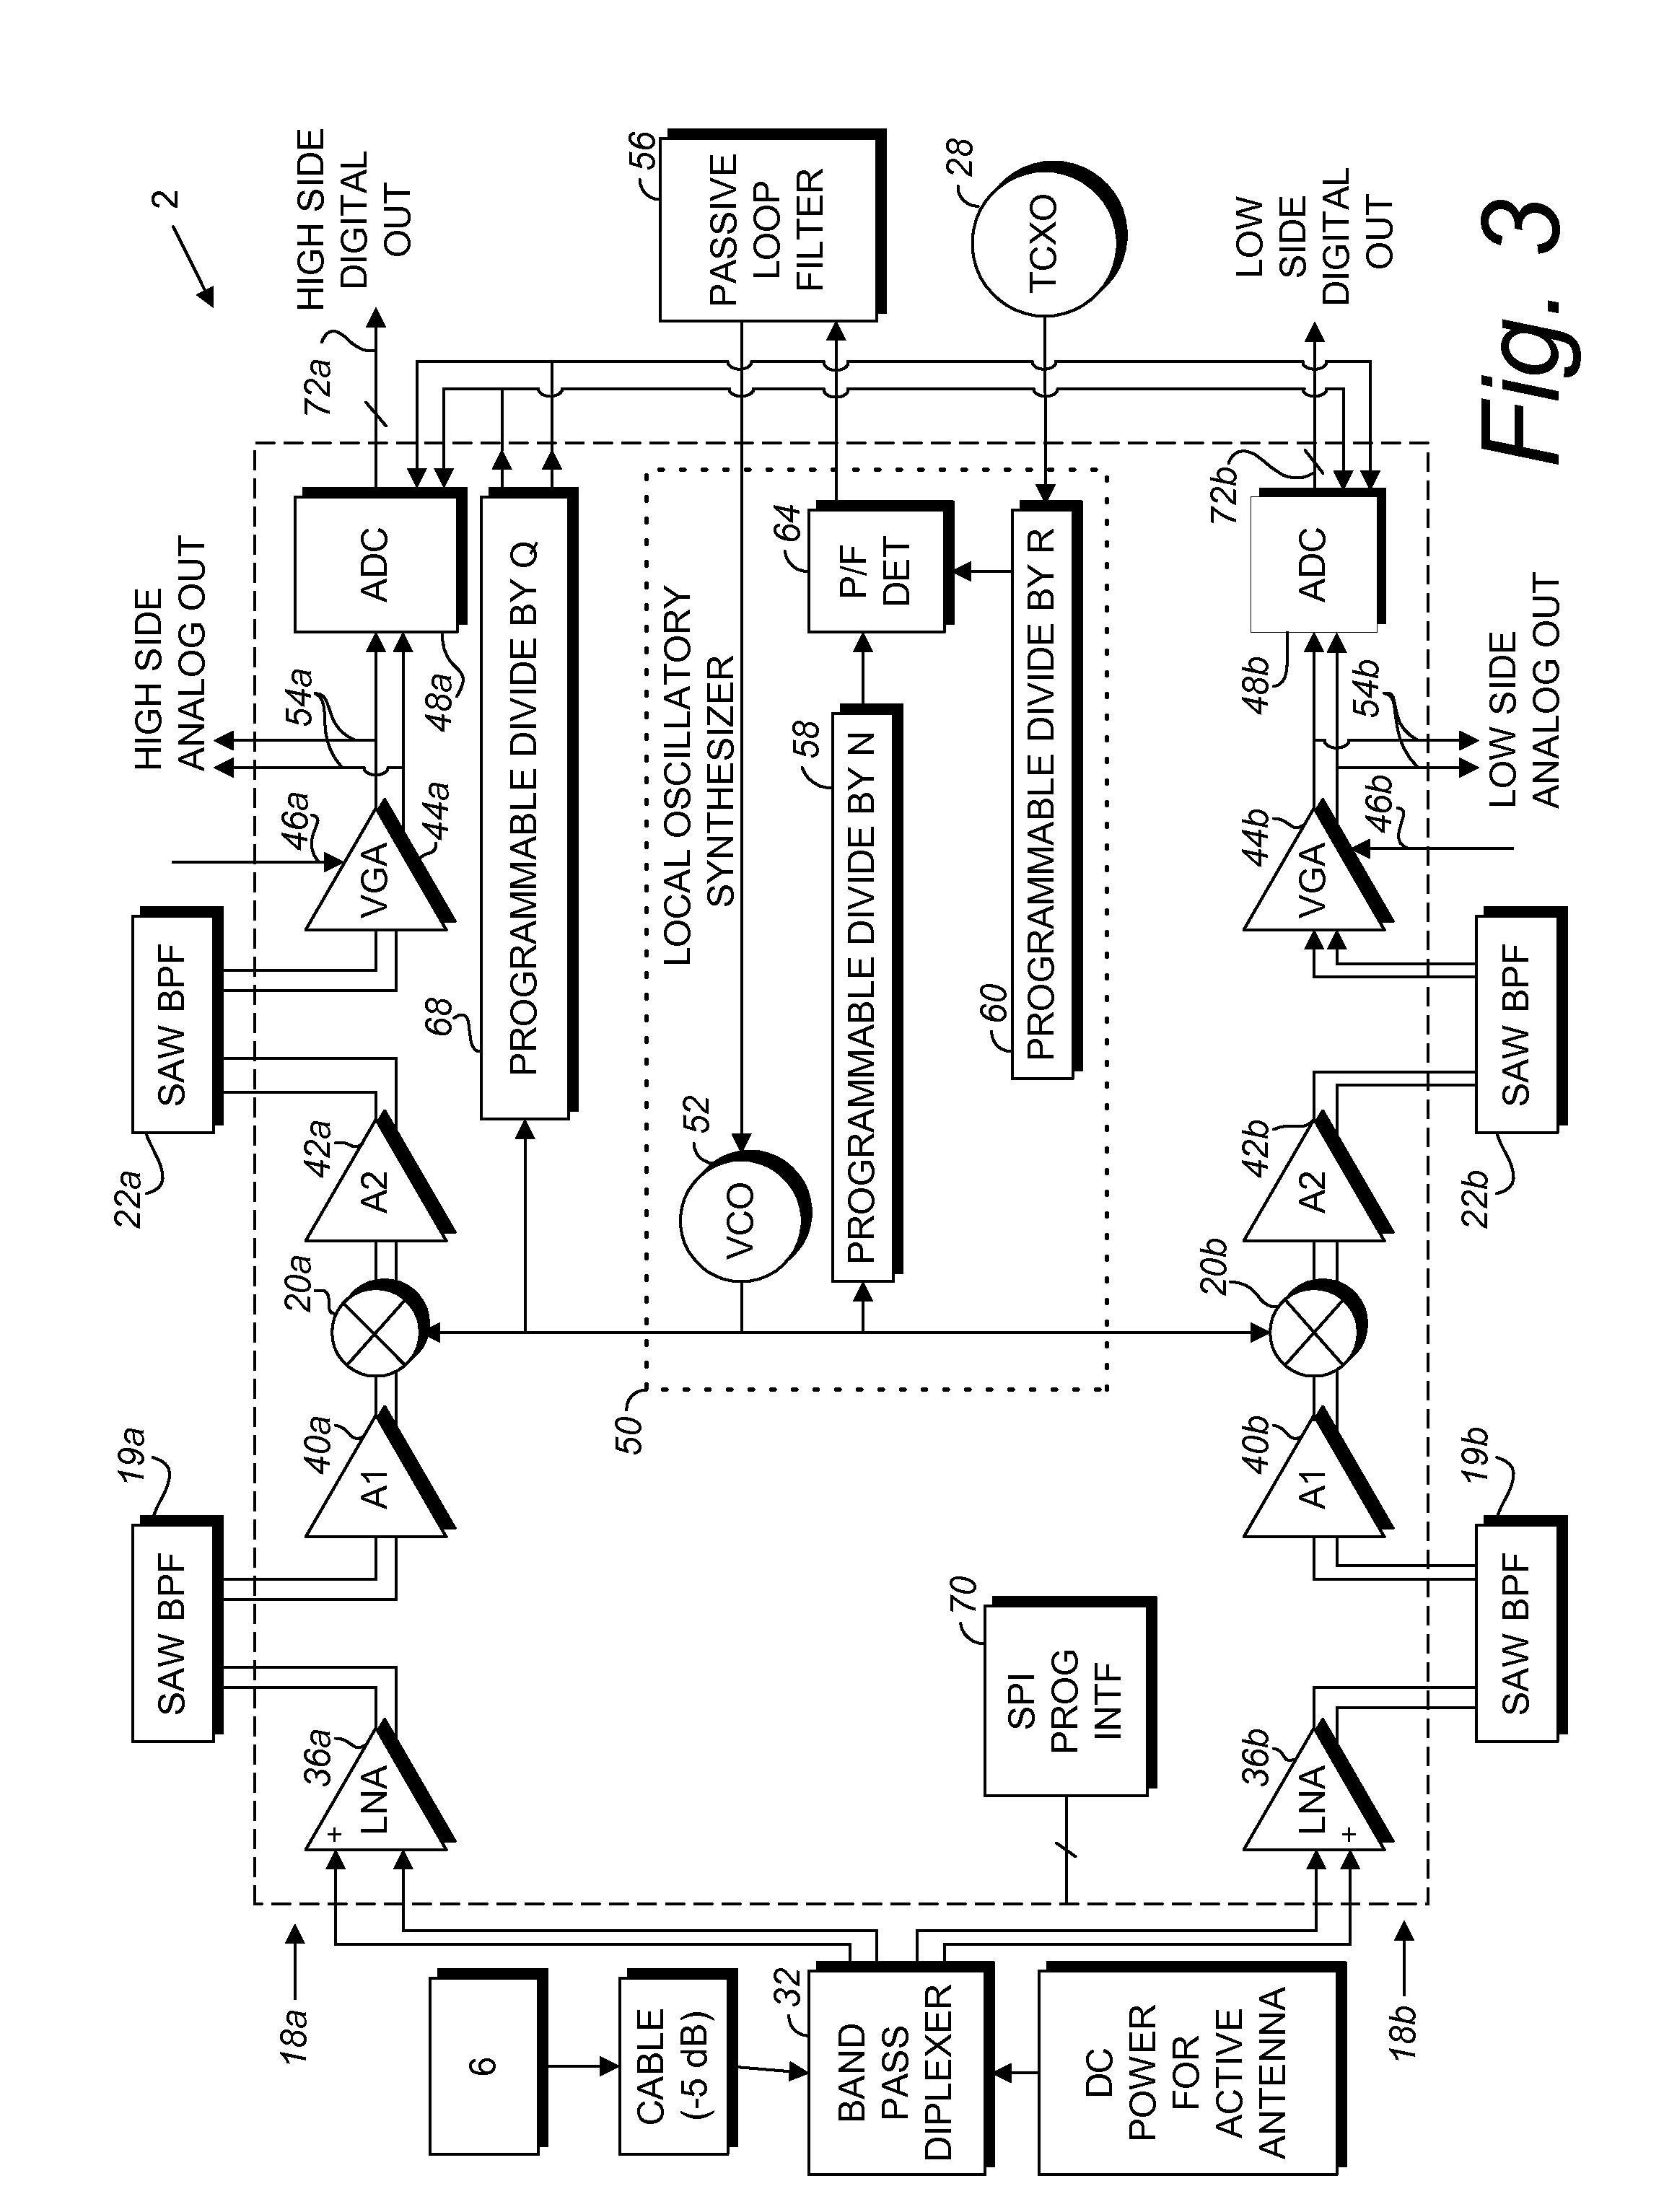 brevetto us8217833